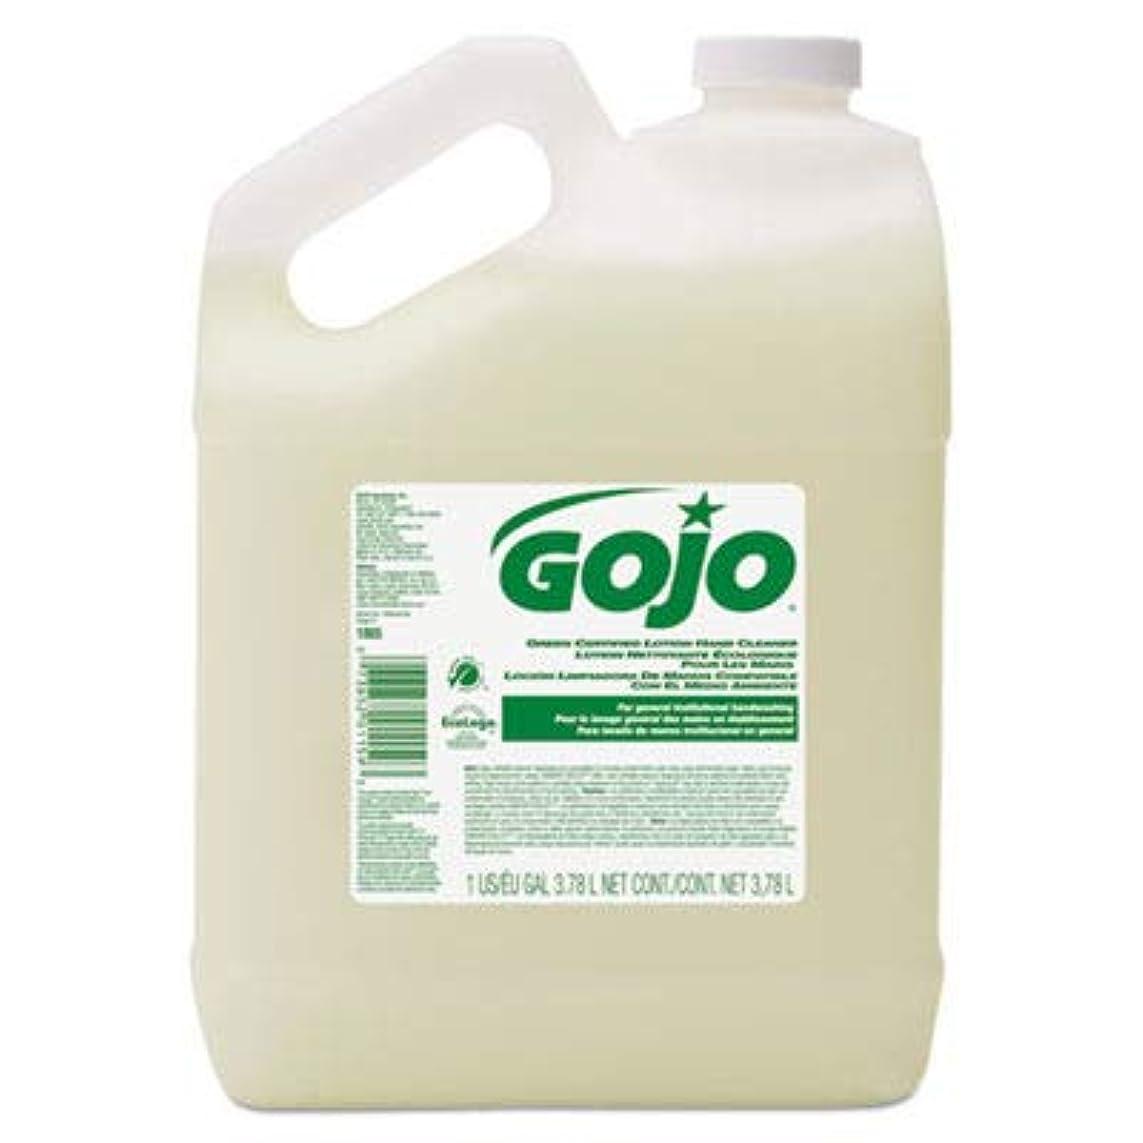 浸したライド横にgoj186504 – グリーン認定ローションハンドクリーナー、1ガロンボトル、花柄香り